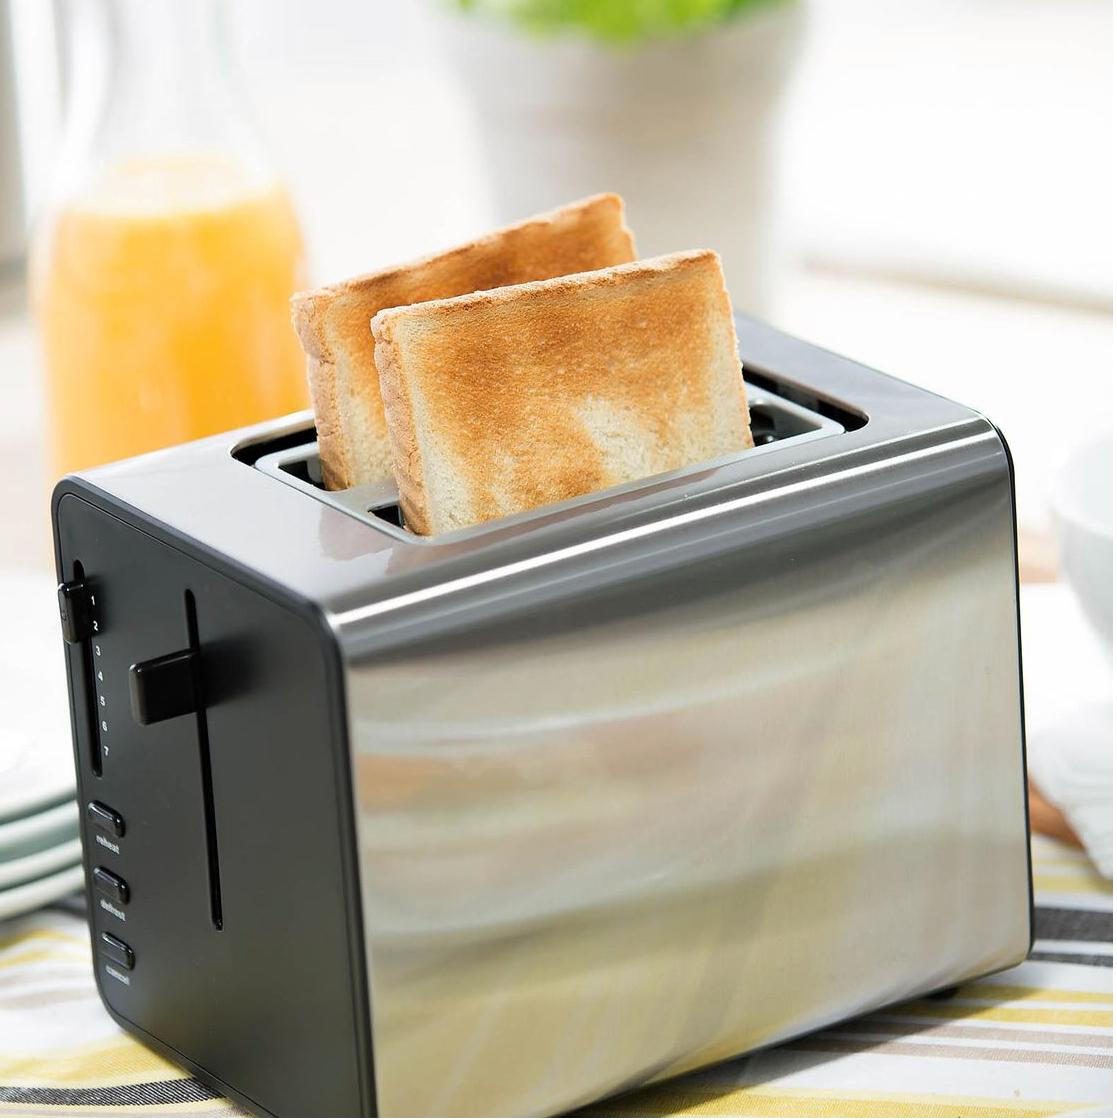 Edelstahl Toaster für 16,99€ + kostenlose Lieferung in Filiale